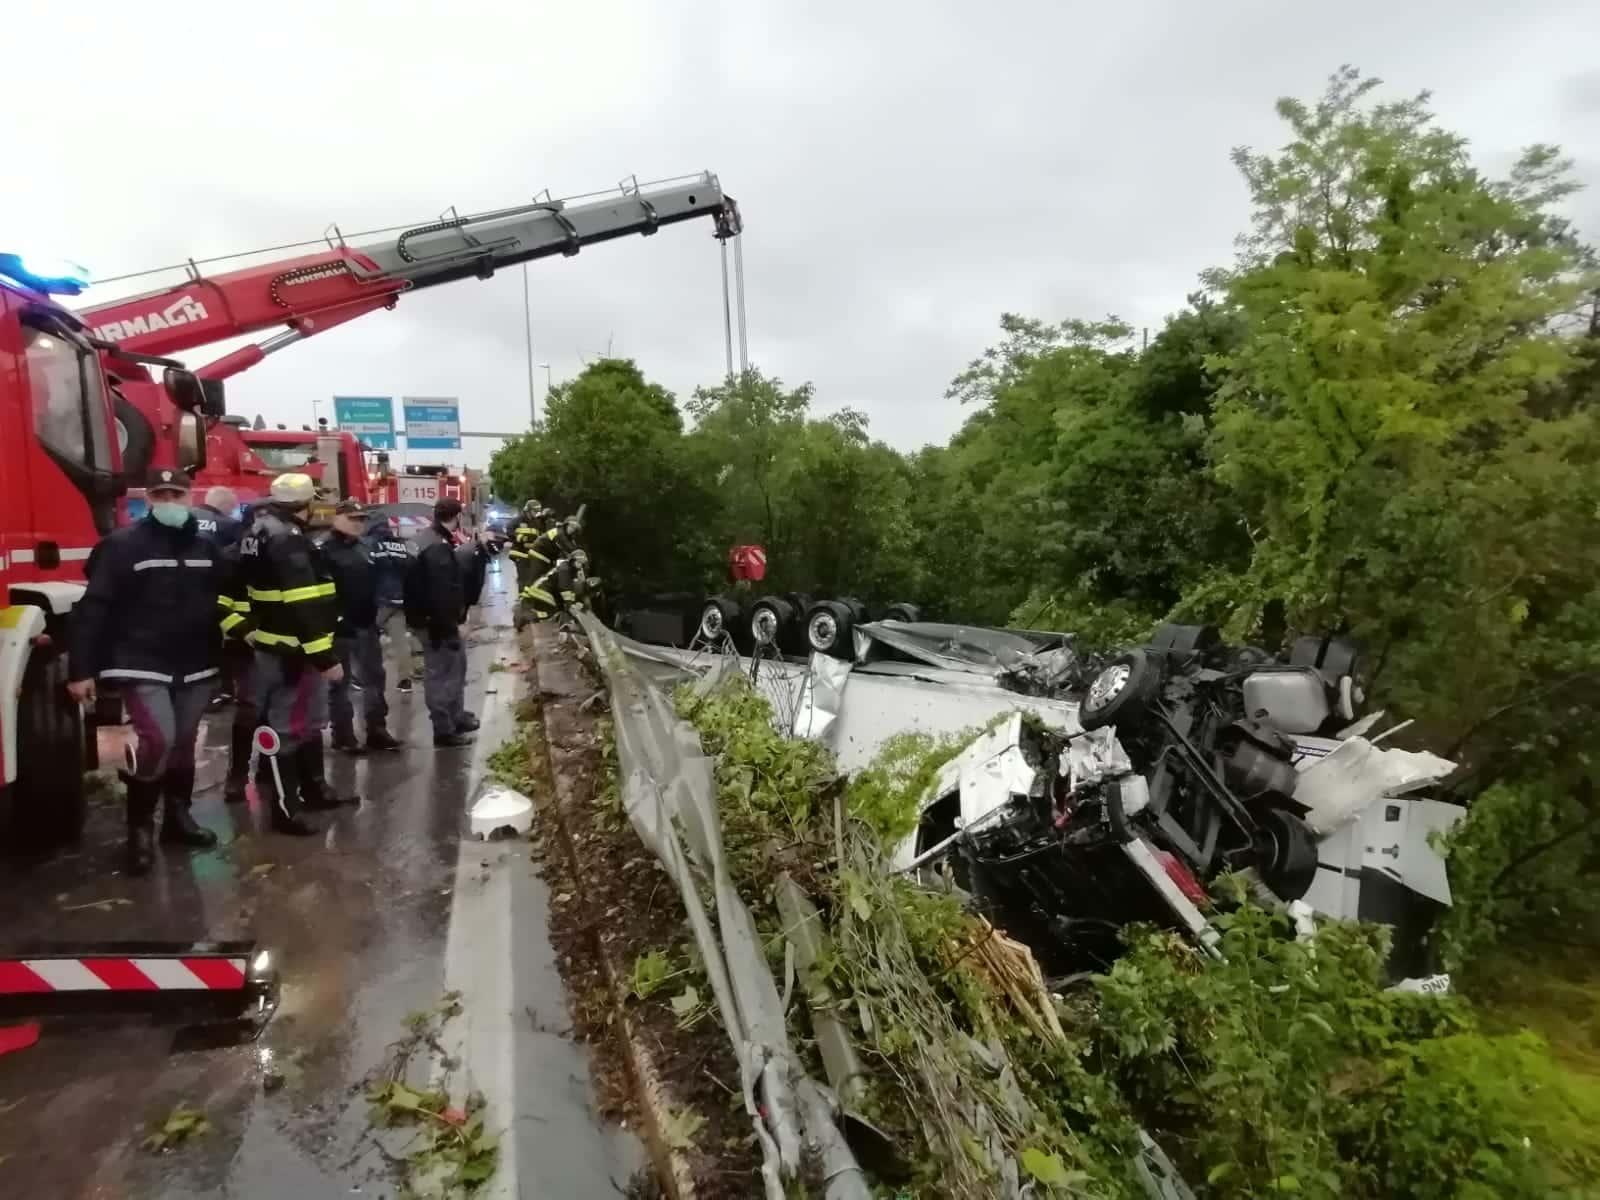 Bari incidente mortale sulla SS100 a Mungivacca ancora chiusa corsia di marcia verso nord, il camion è stato rimosso